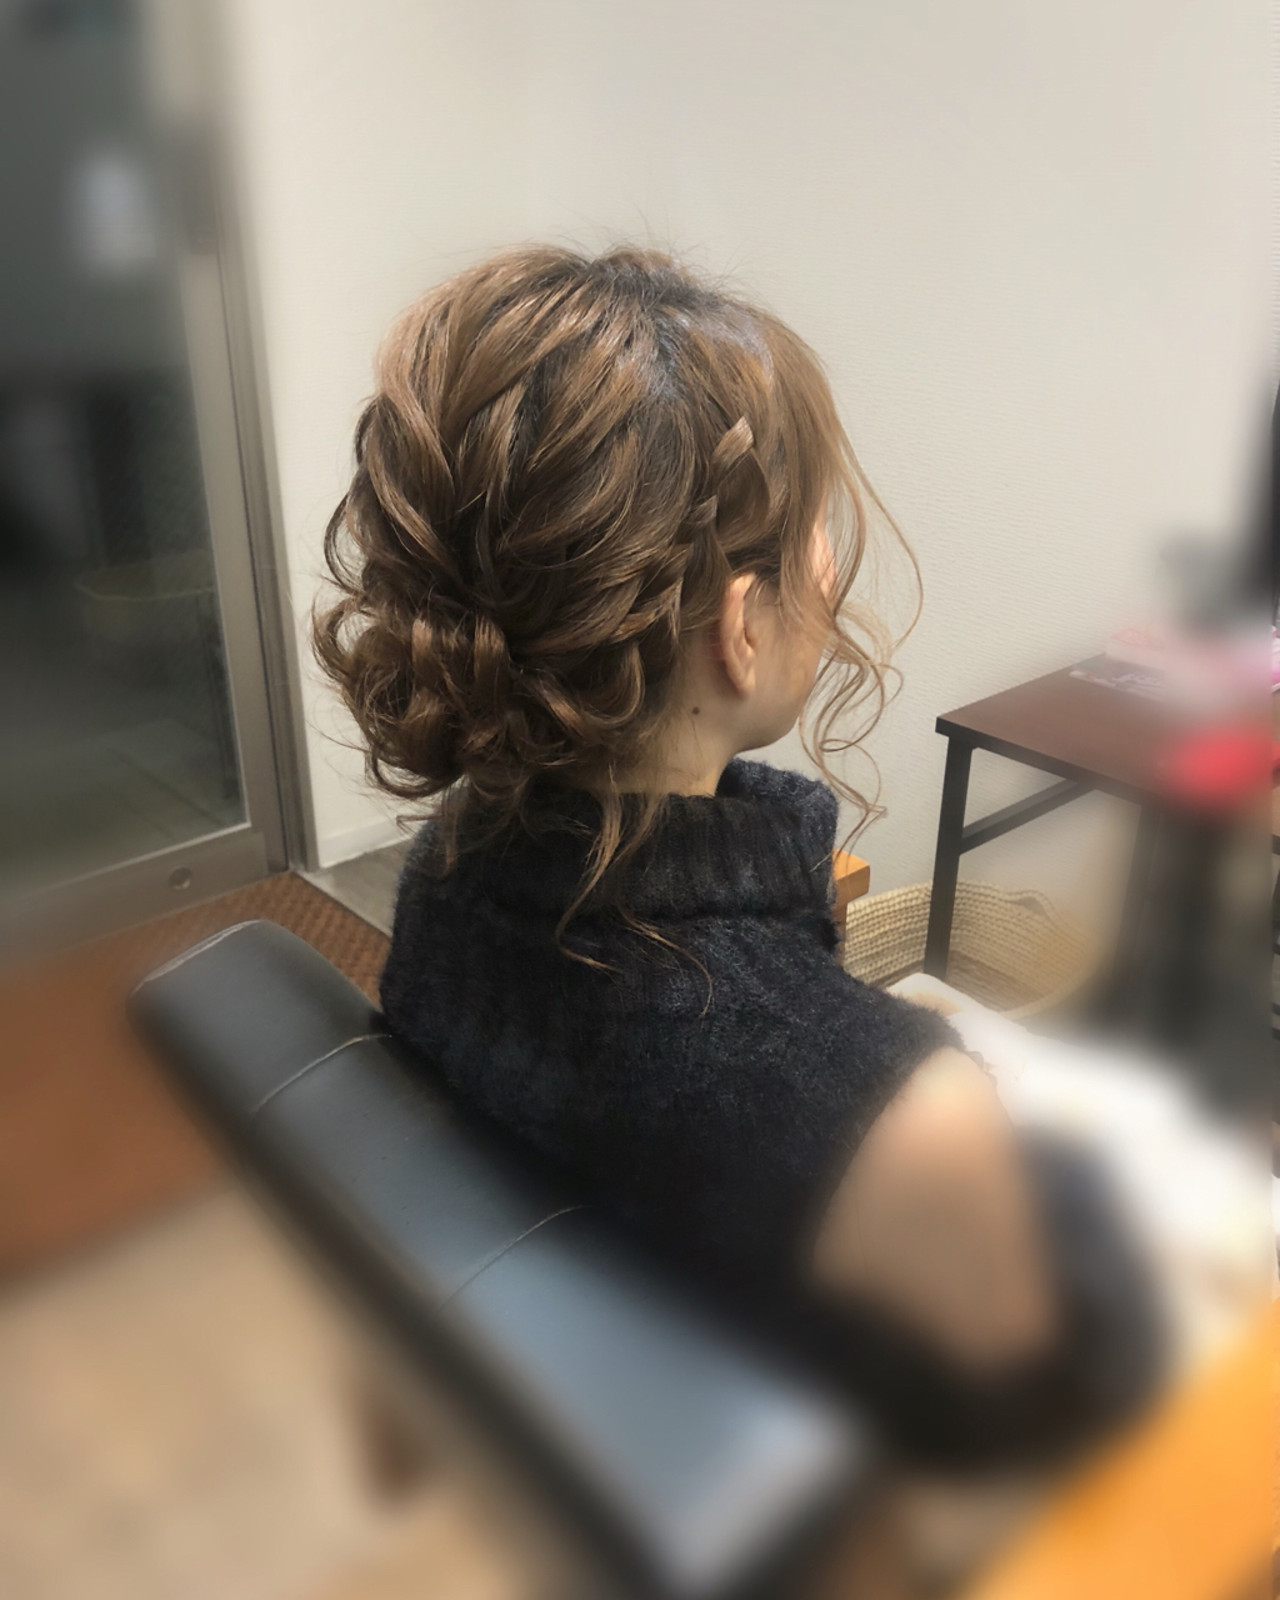 ボブ フェミニン ヘアアレンジ アップスタイル ヘアスタイルや髪型の写真・画像